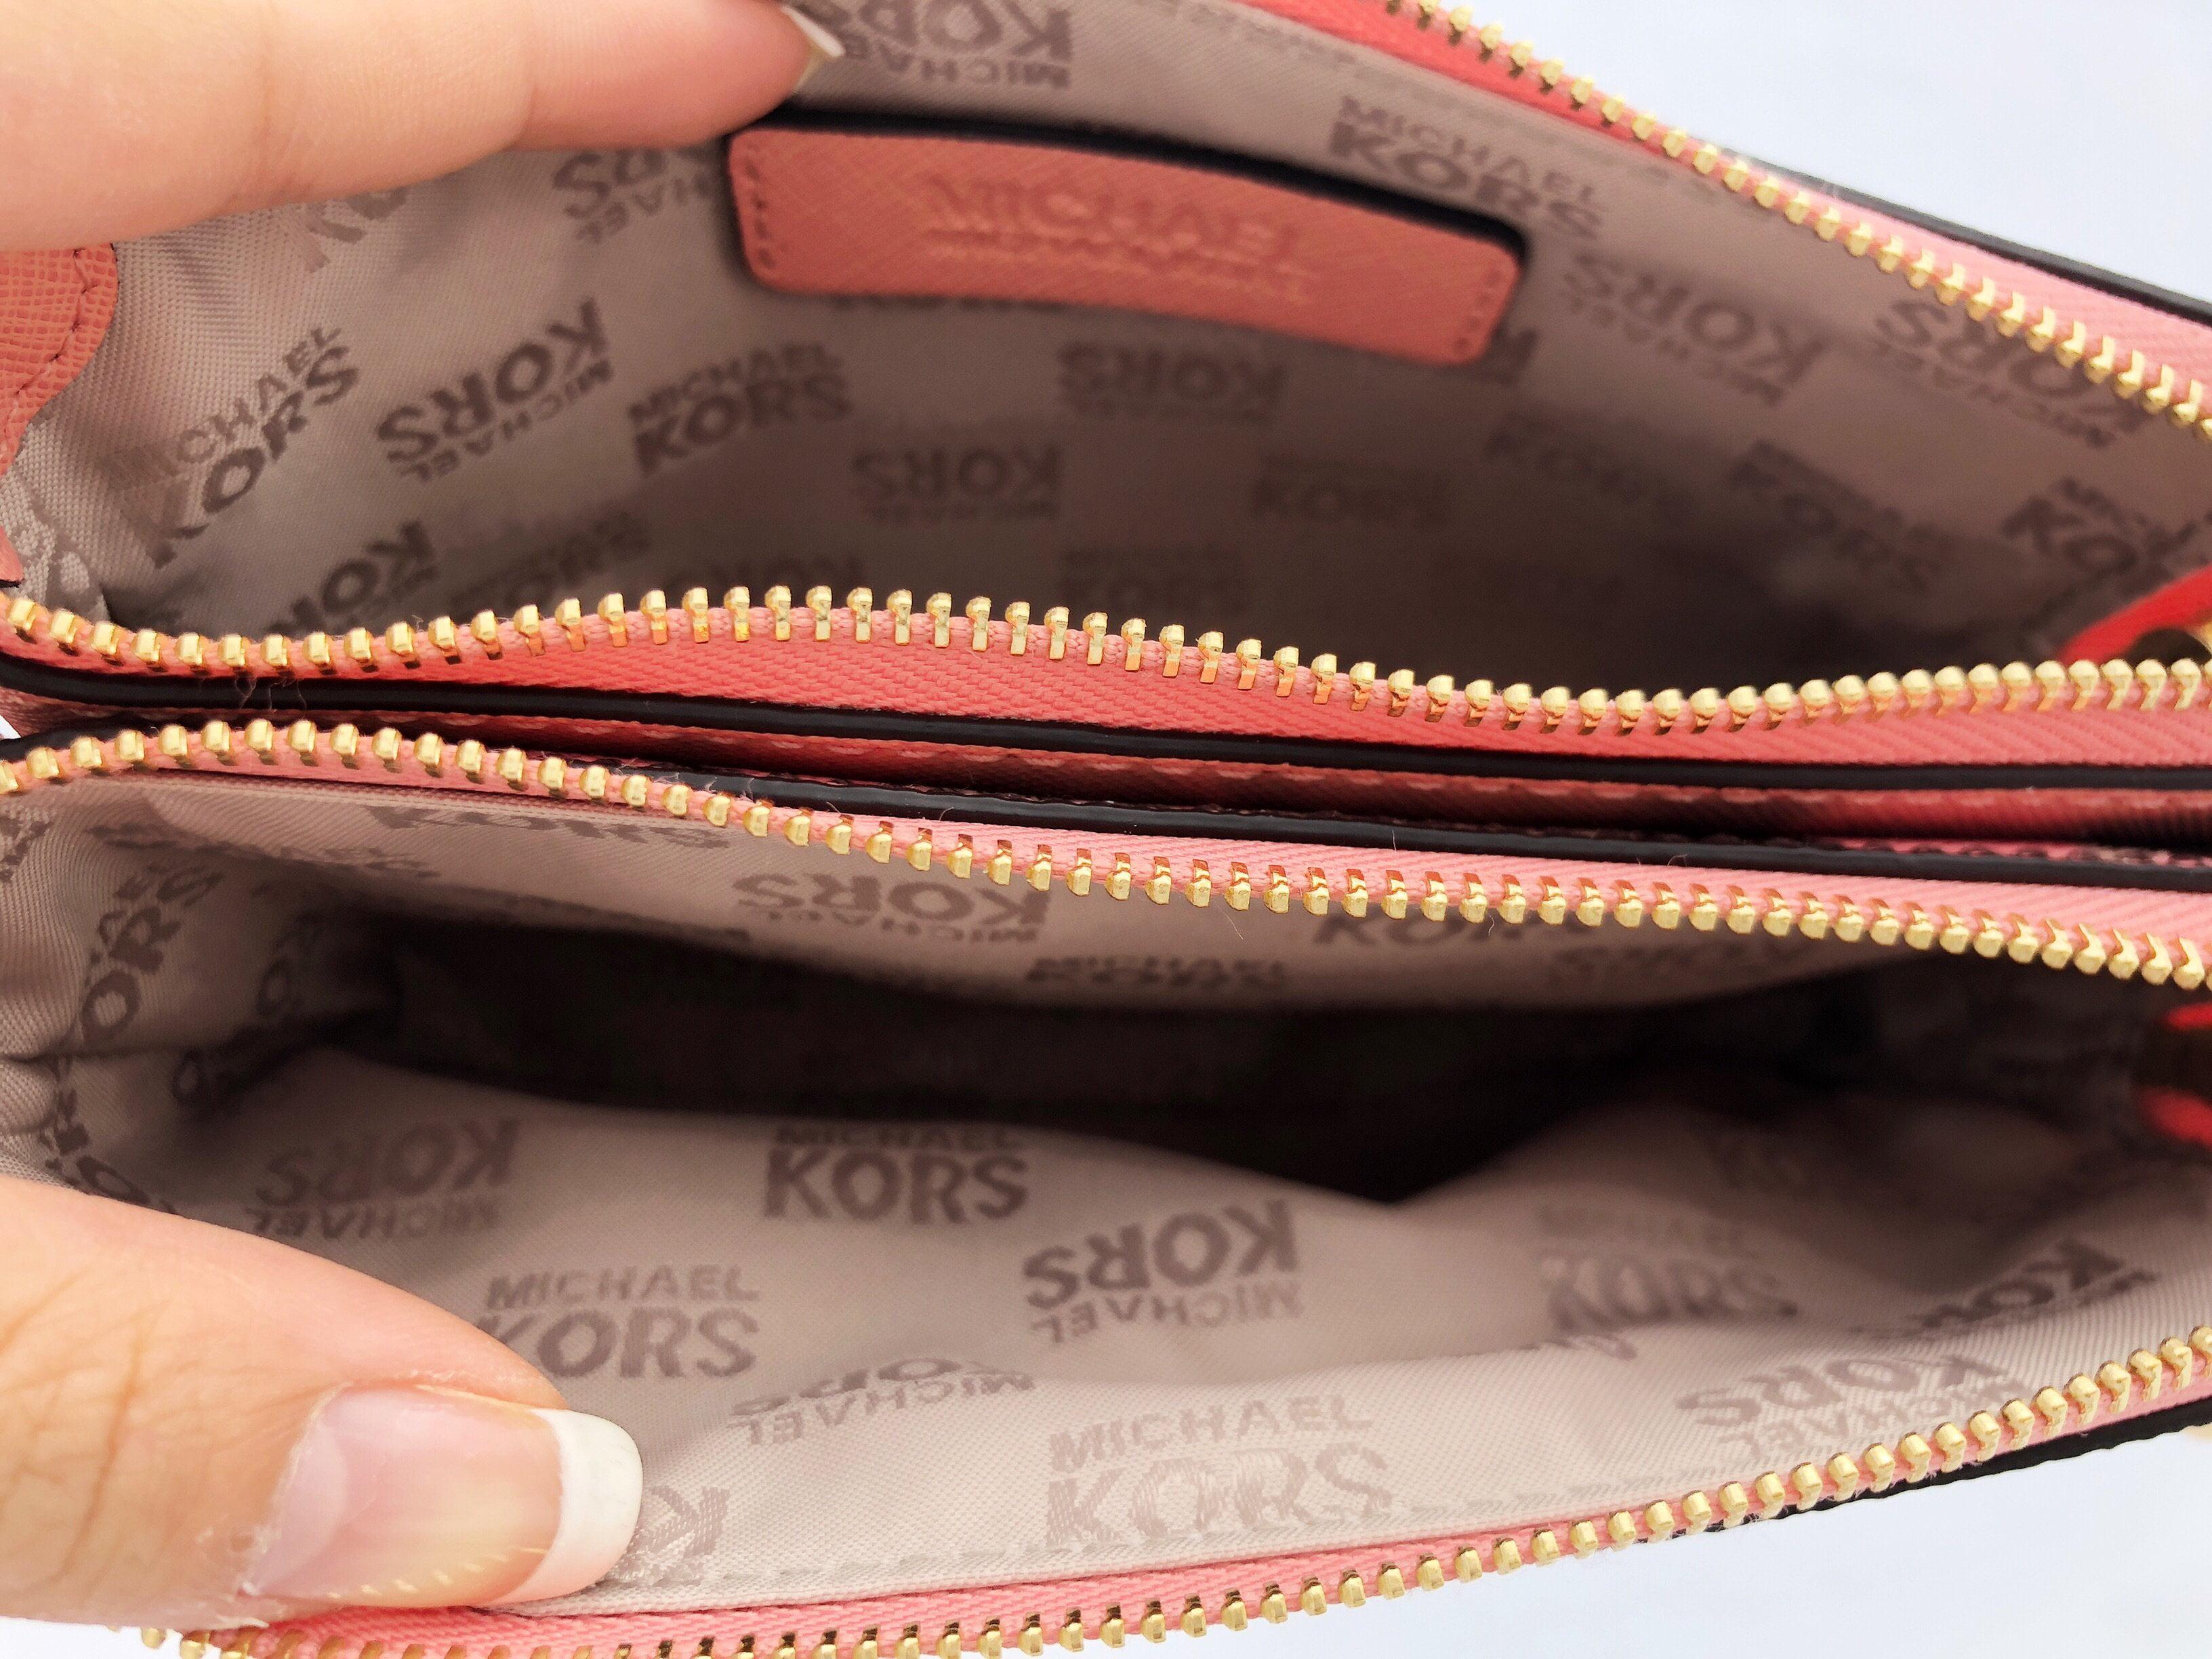 1ed98546d18756 Michael Kors - Michael Kors Large Double Zip Wristlet Peach MK Signature  Floral Wallet - Walmart.com